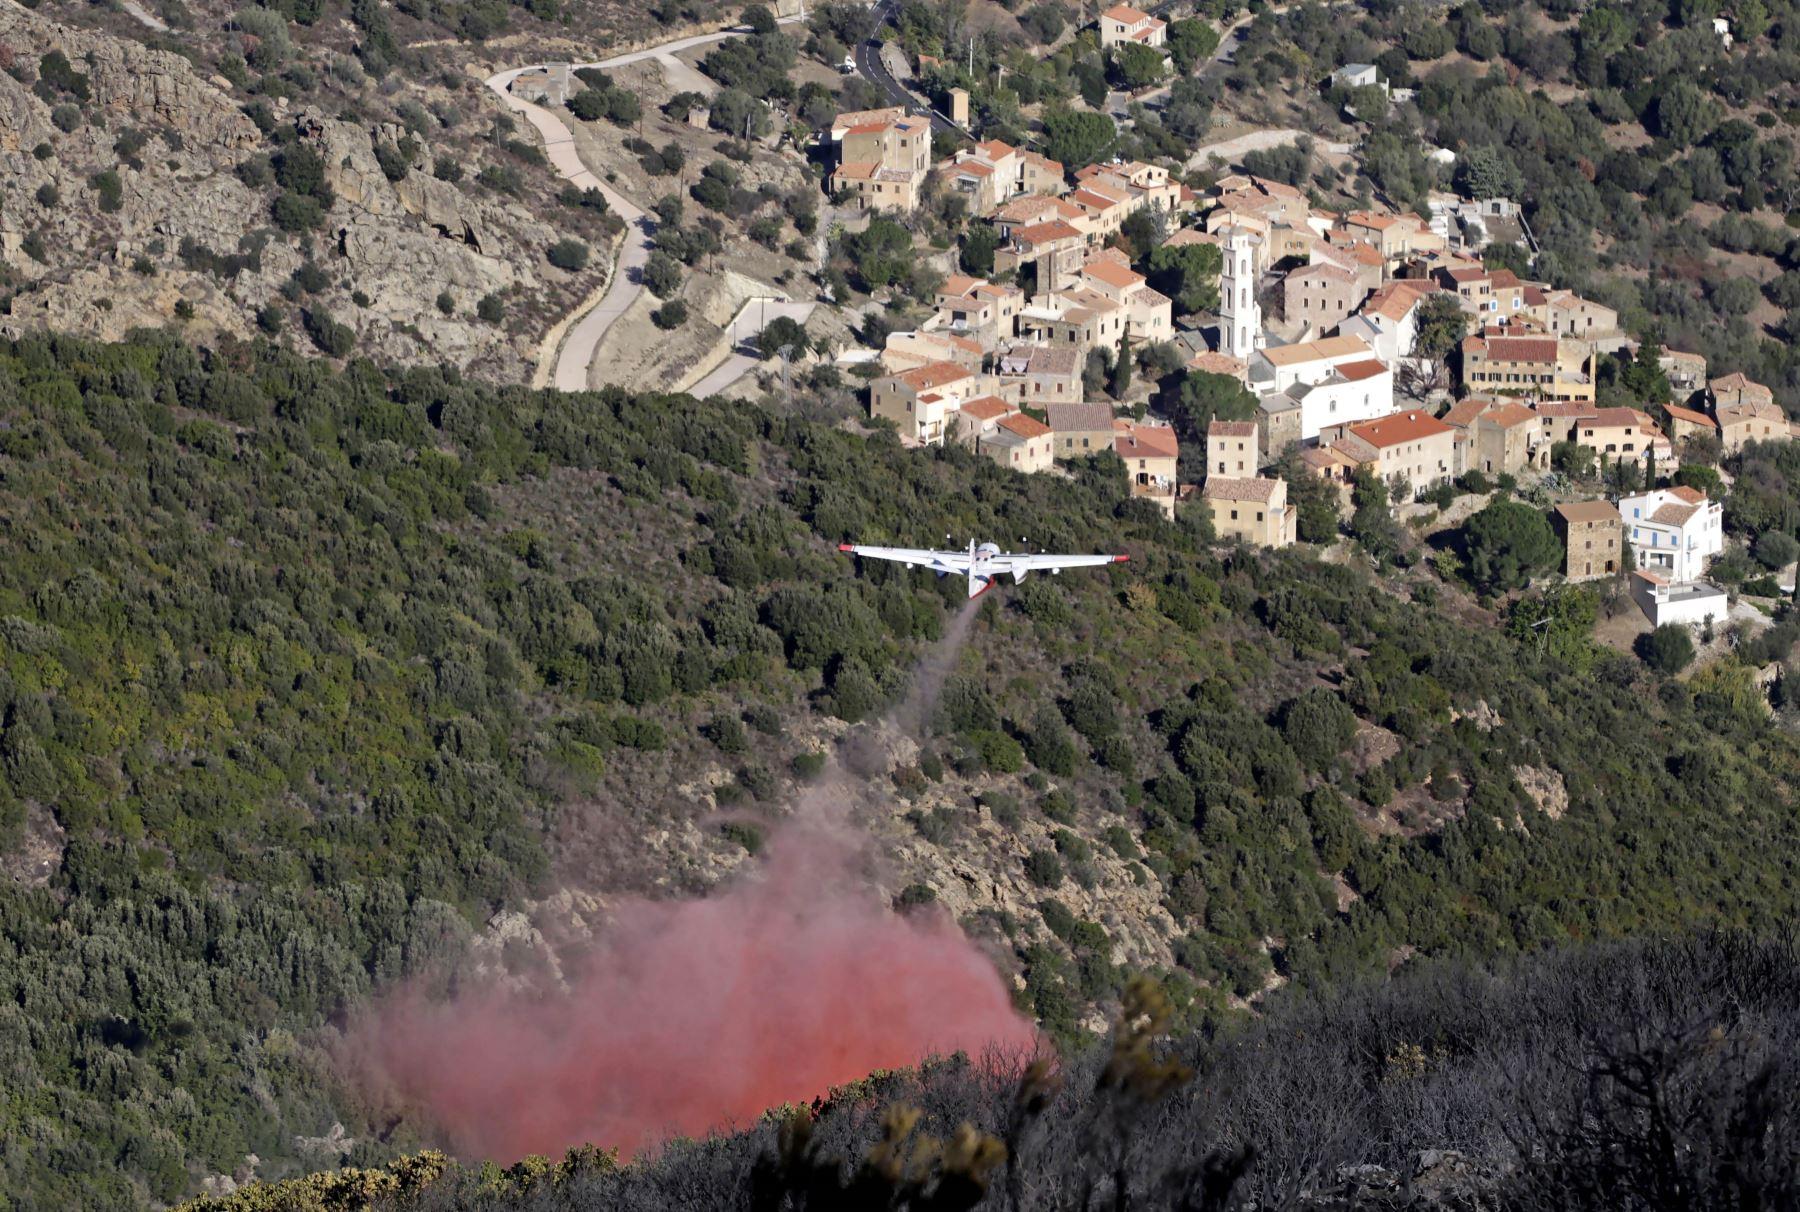 Un avión contra incendios vuela sobre en un incendio forestal en la isla mediterránea francesa de Córcega.Foto: AFP